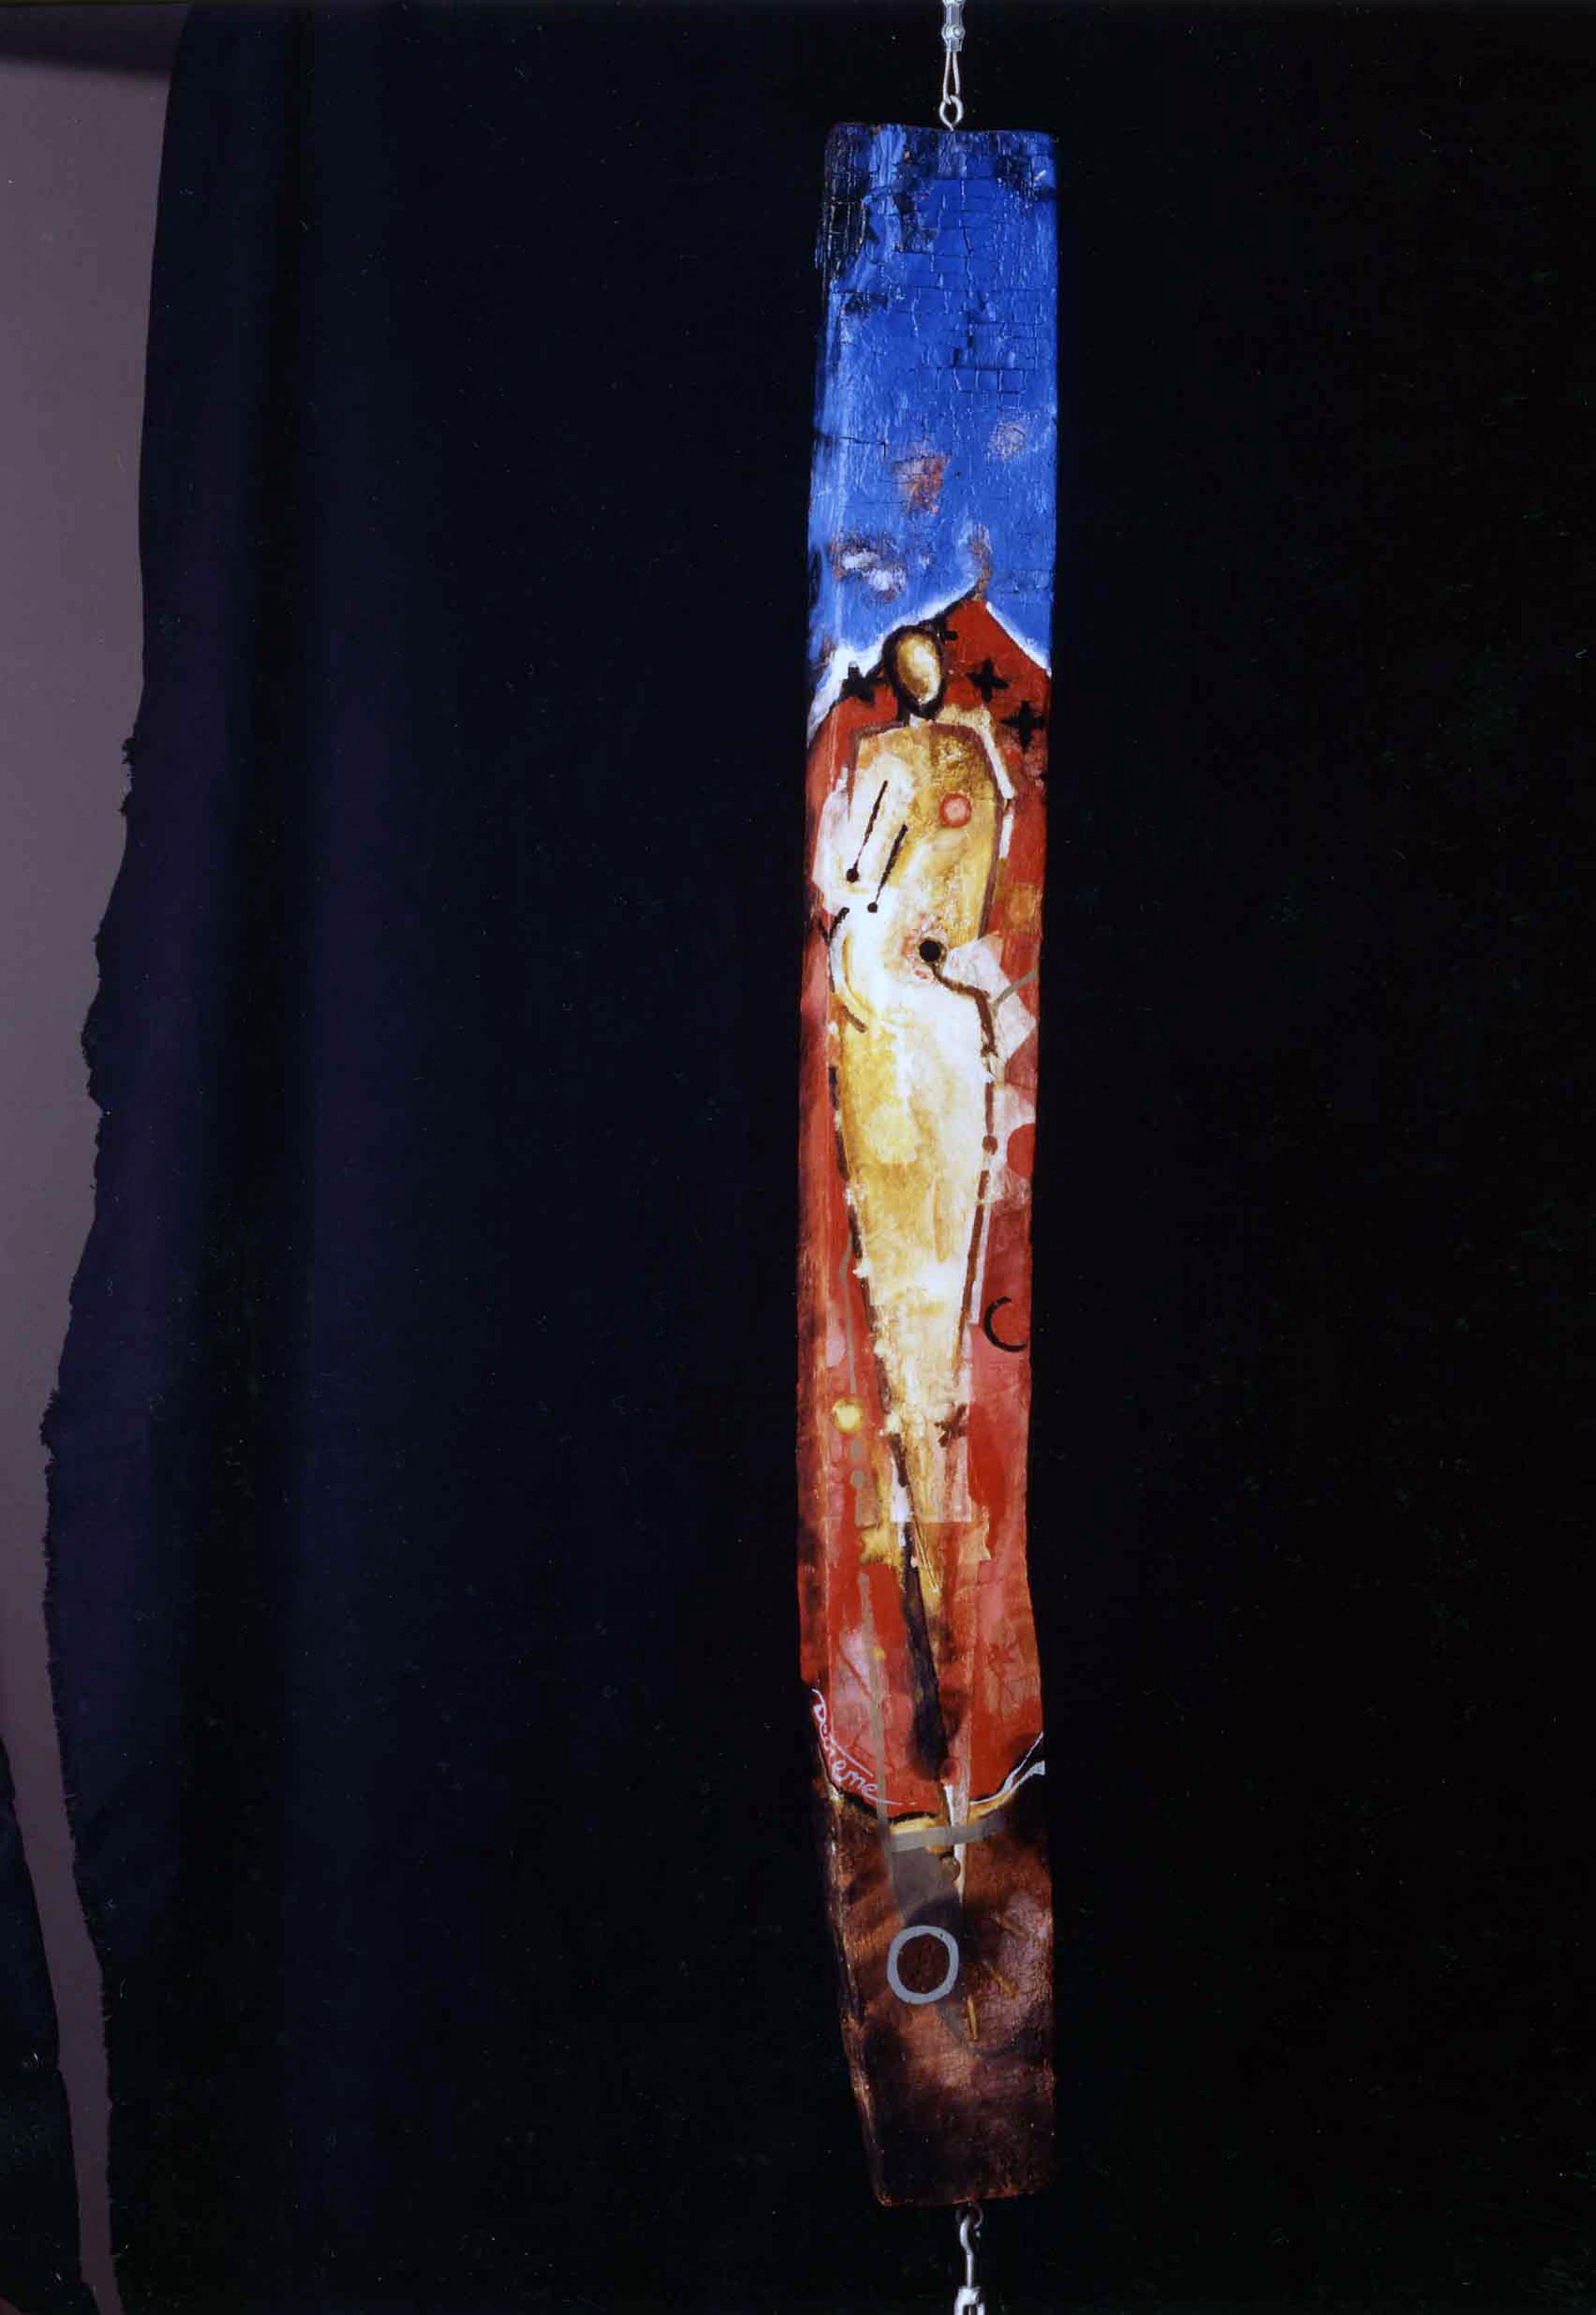 DECREME-Entre-ciel-et-terre-Technique-mixte-sur-bois-d'amandier-106x4x18cm-1994